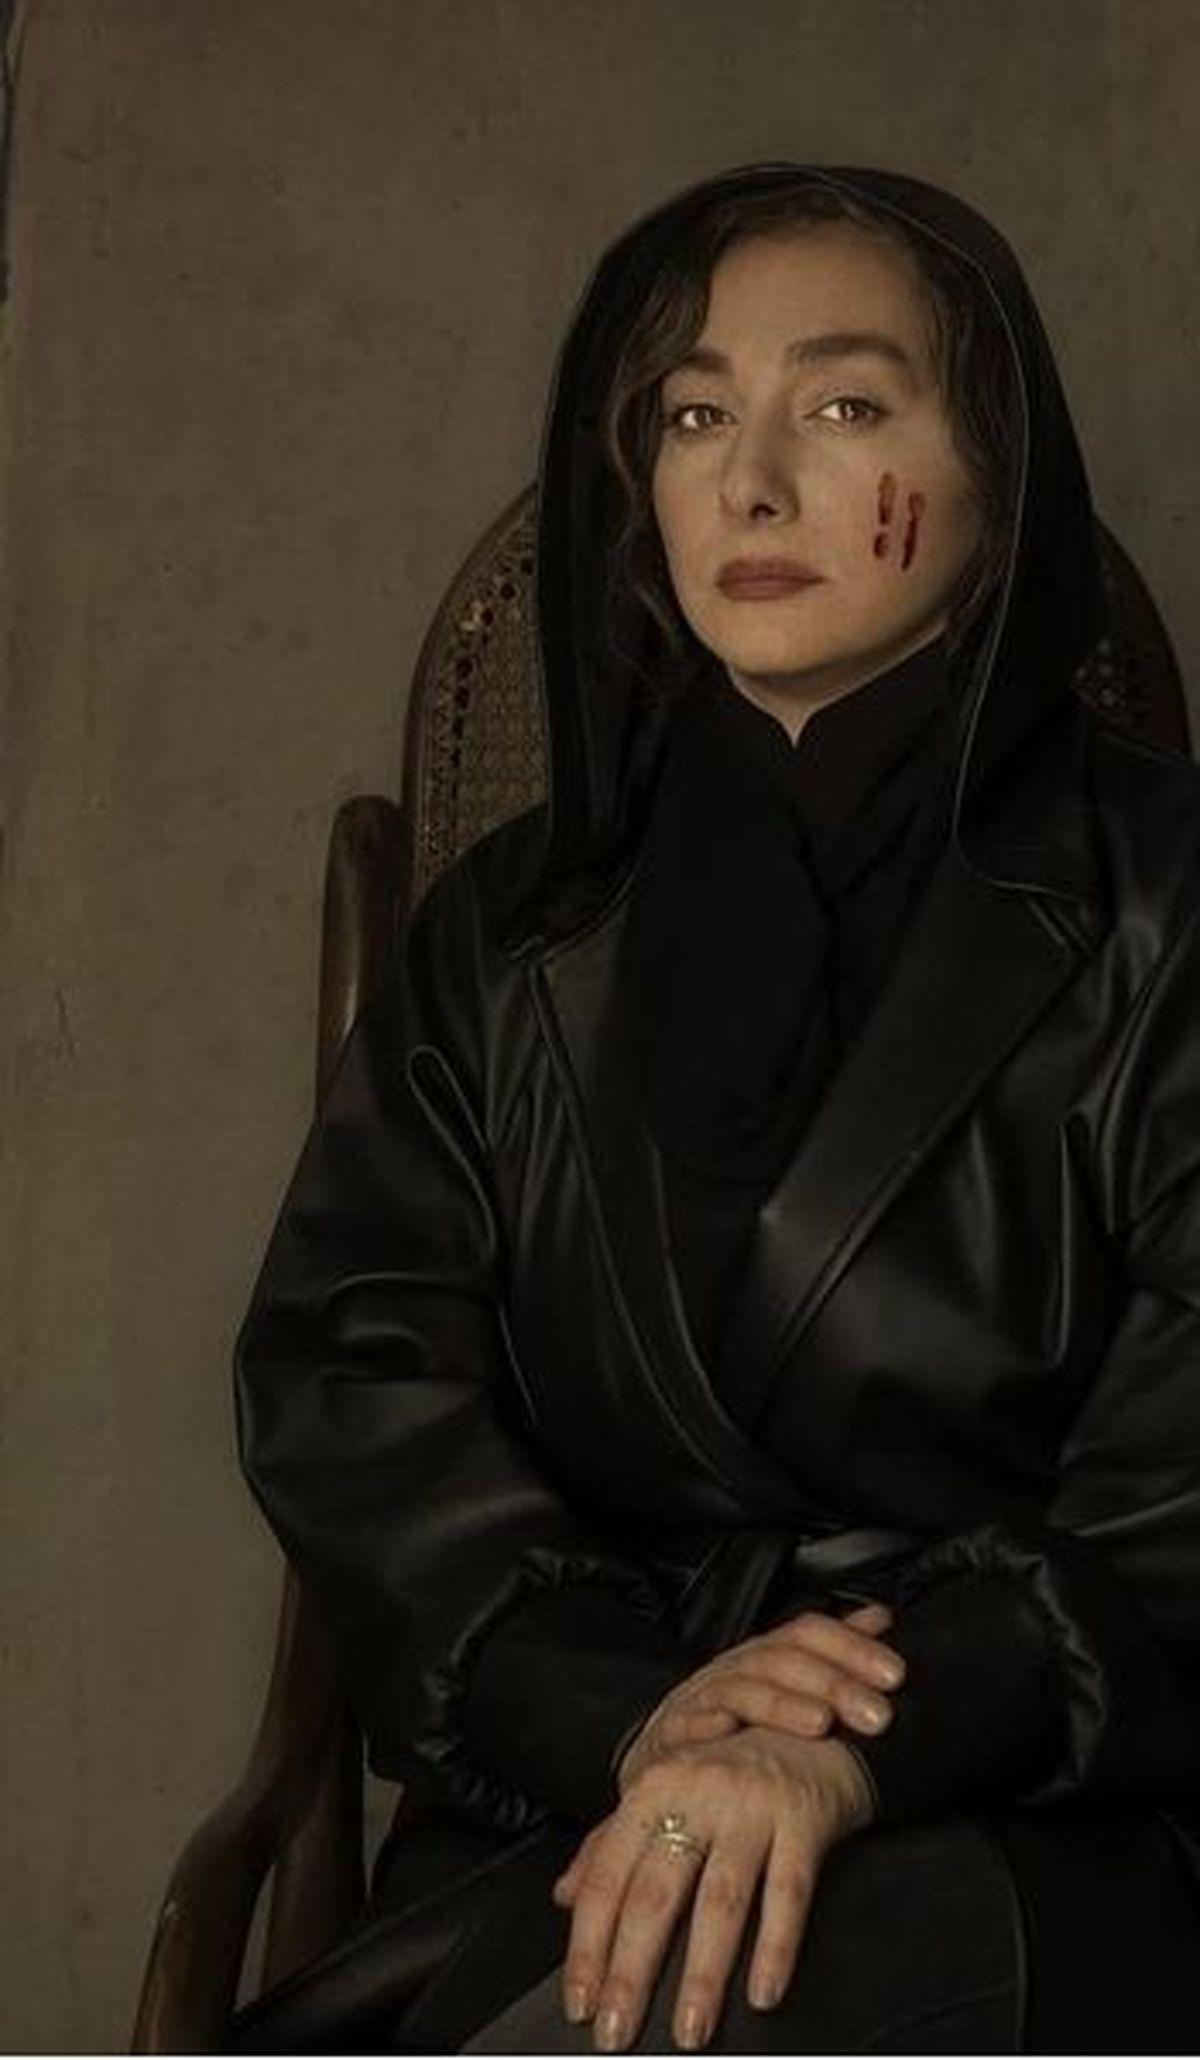 هانیه توسلی سکانس های سریال زخم کاری را لوداد